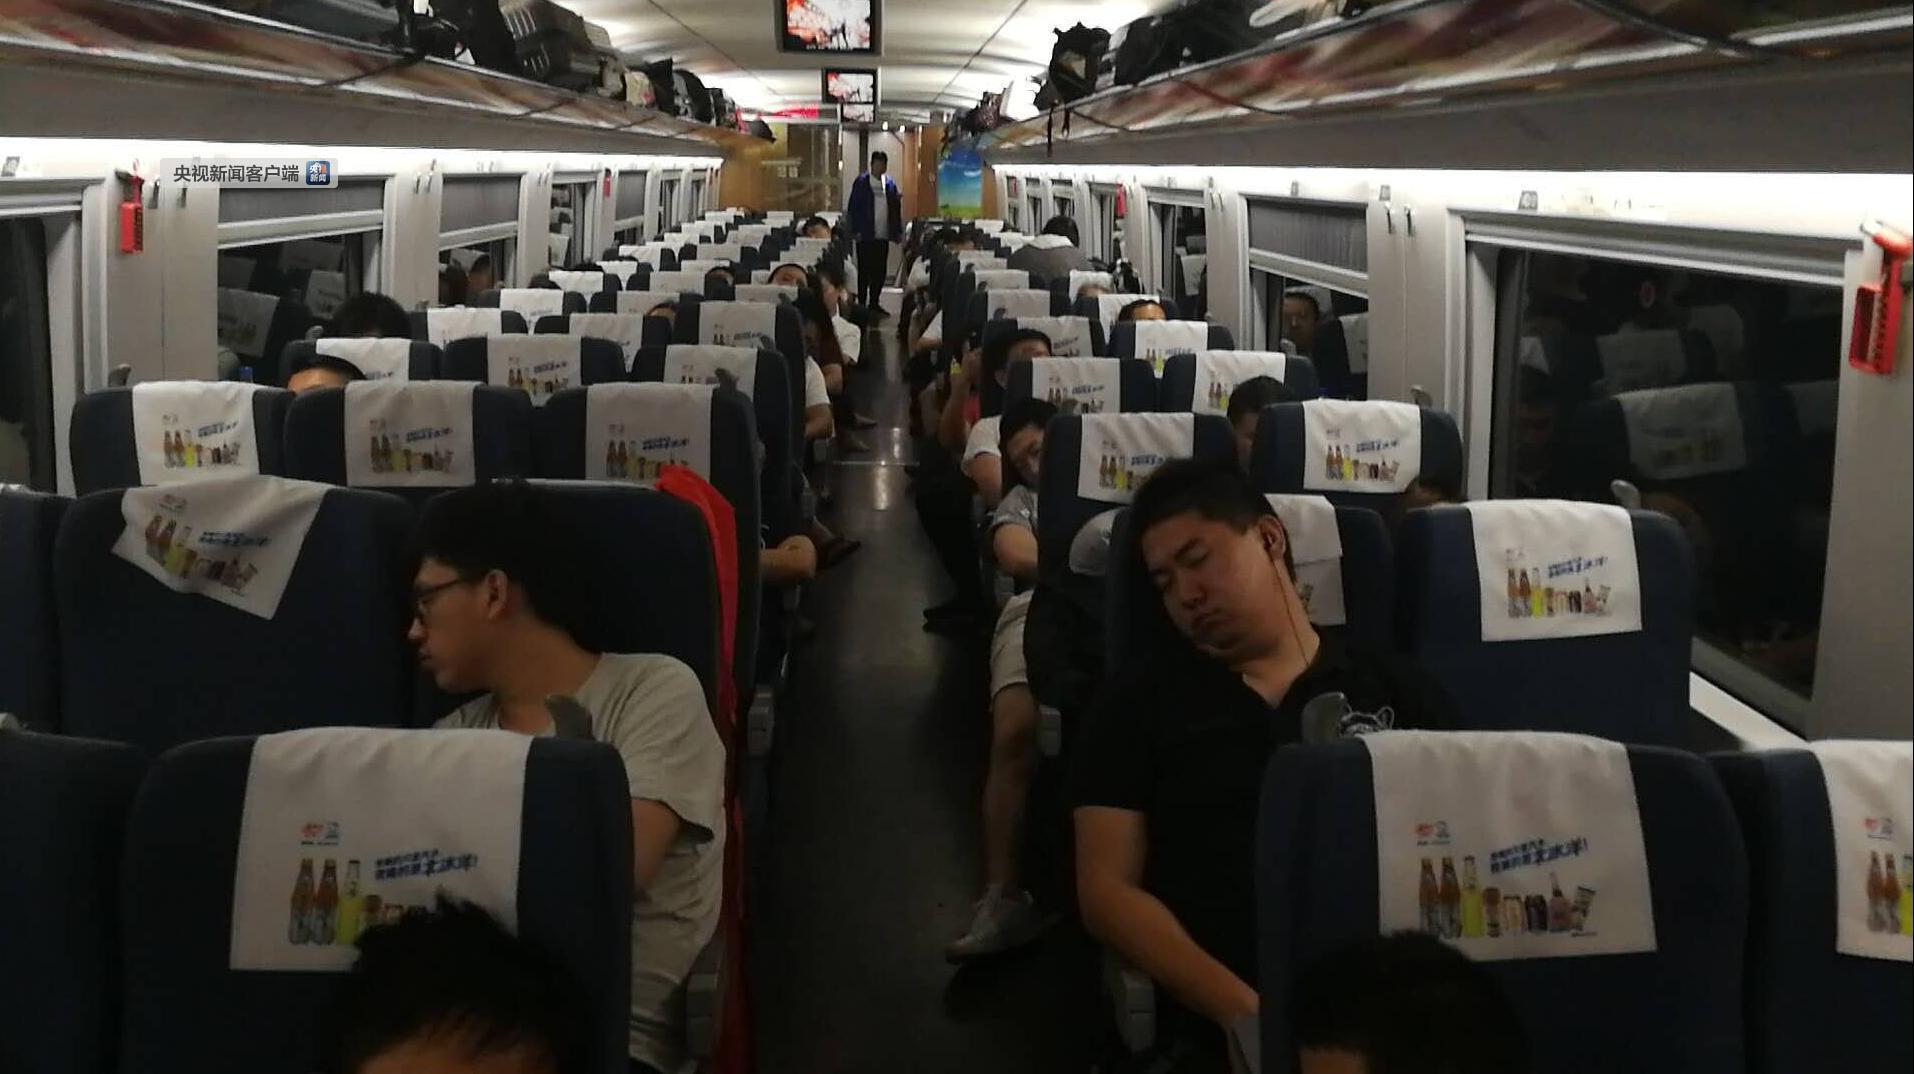 京沪高铁遭彩钢板撞击发生故障,多车晚点逾6小时